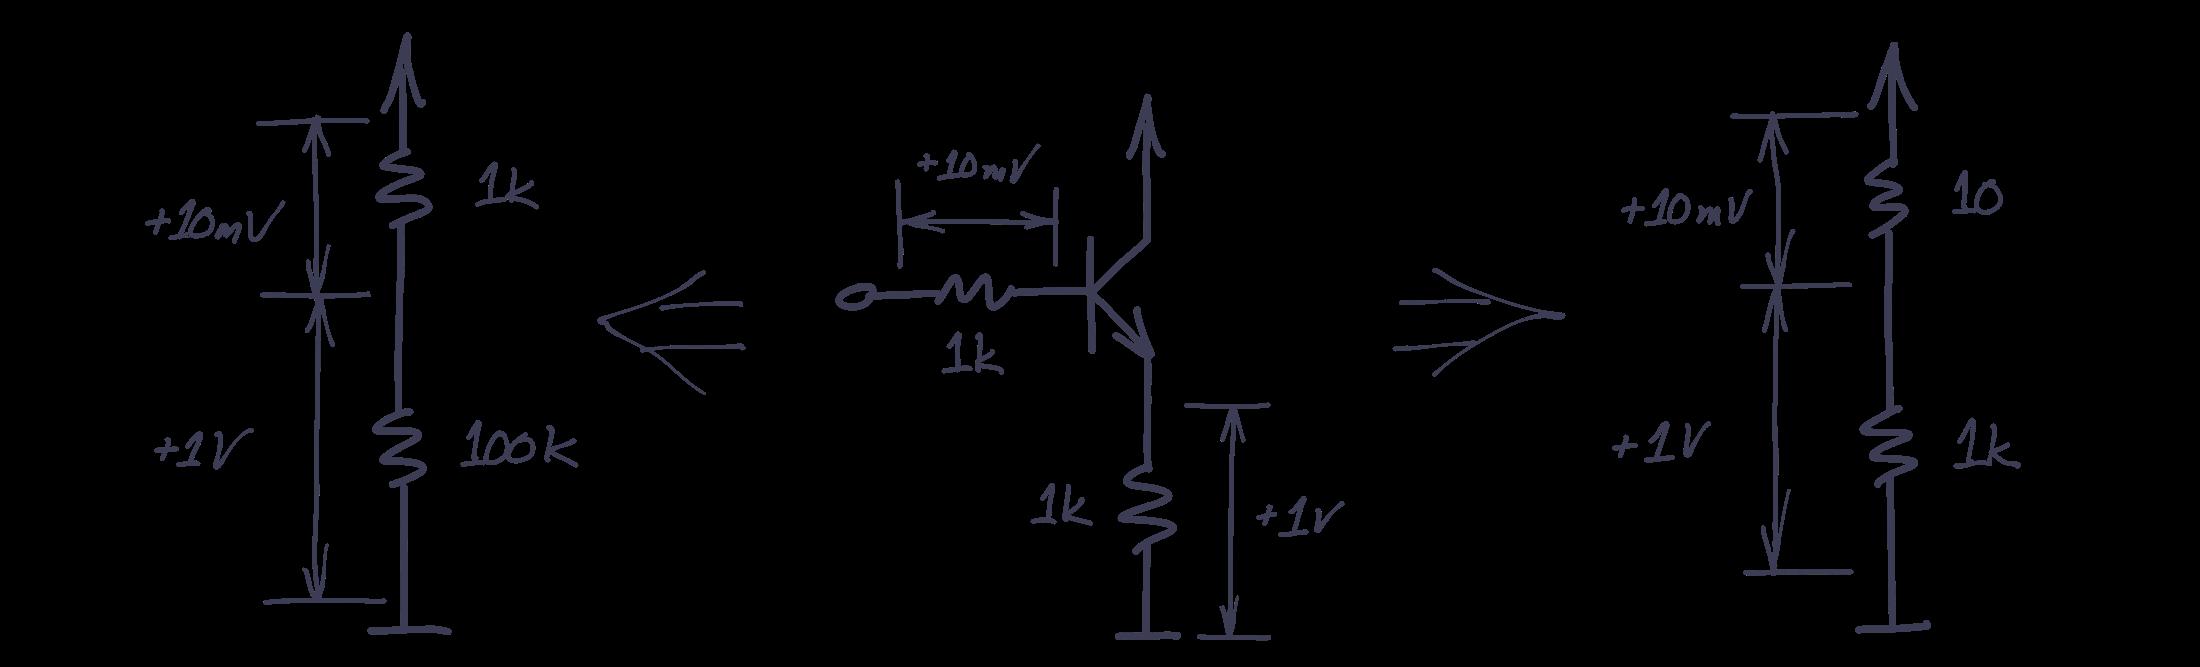 components_bjt-impedance-transform-01.png